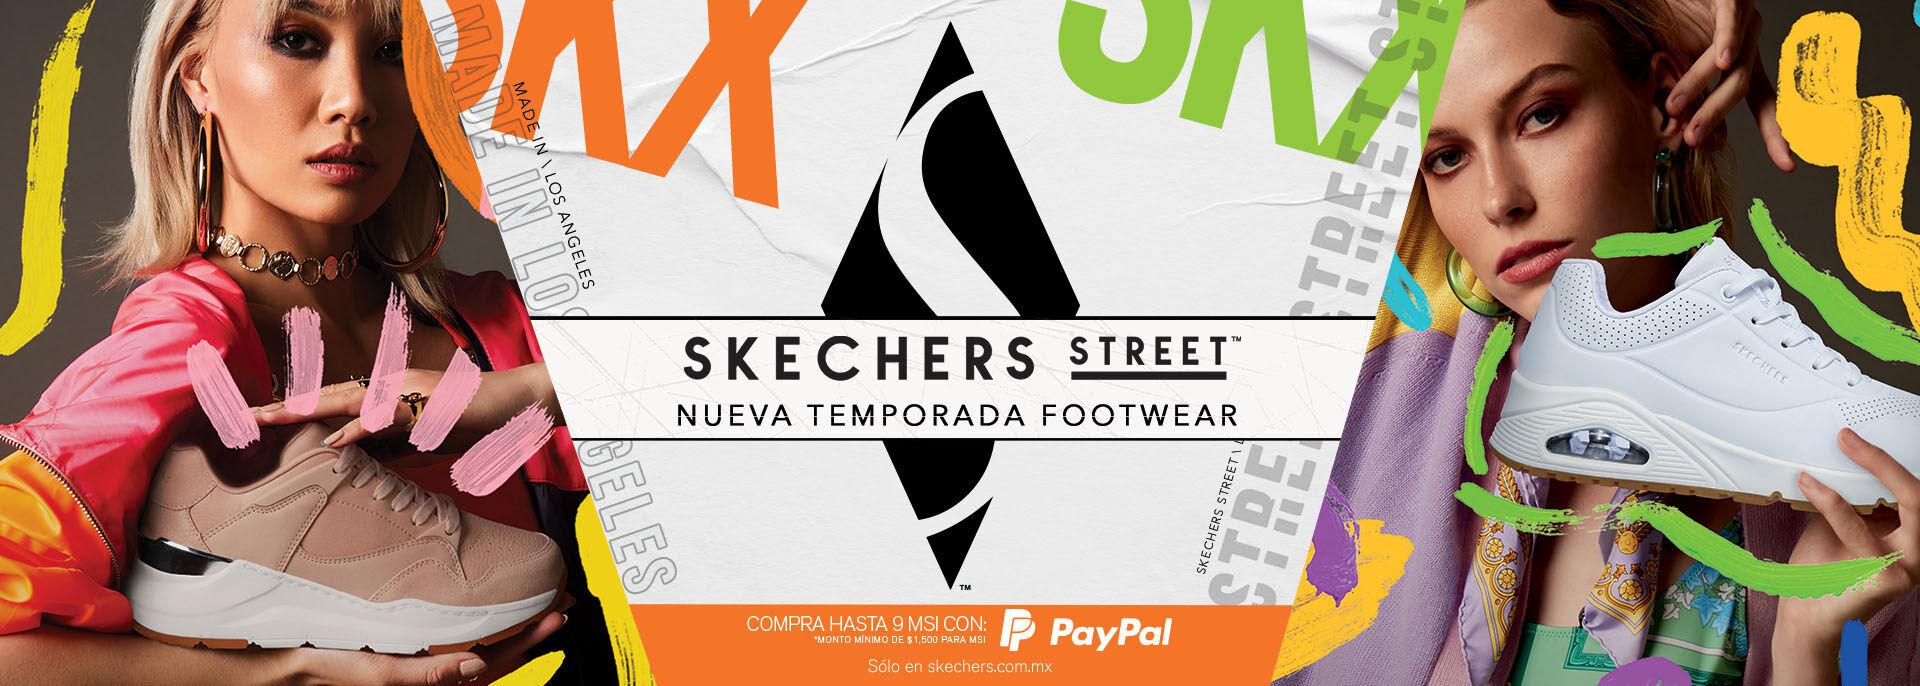 nuevacoleccion_footwear_calzado_skechers_1920x686.jpg